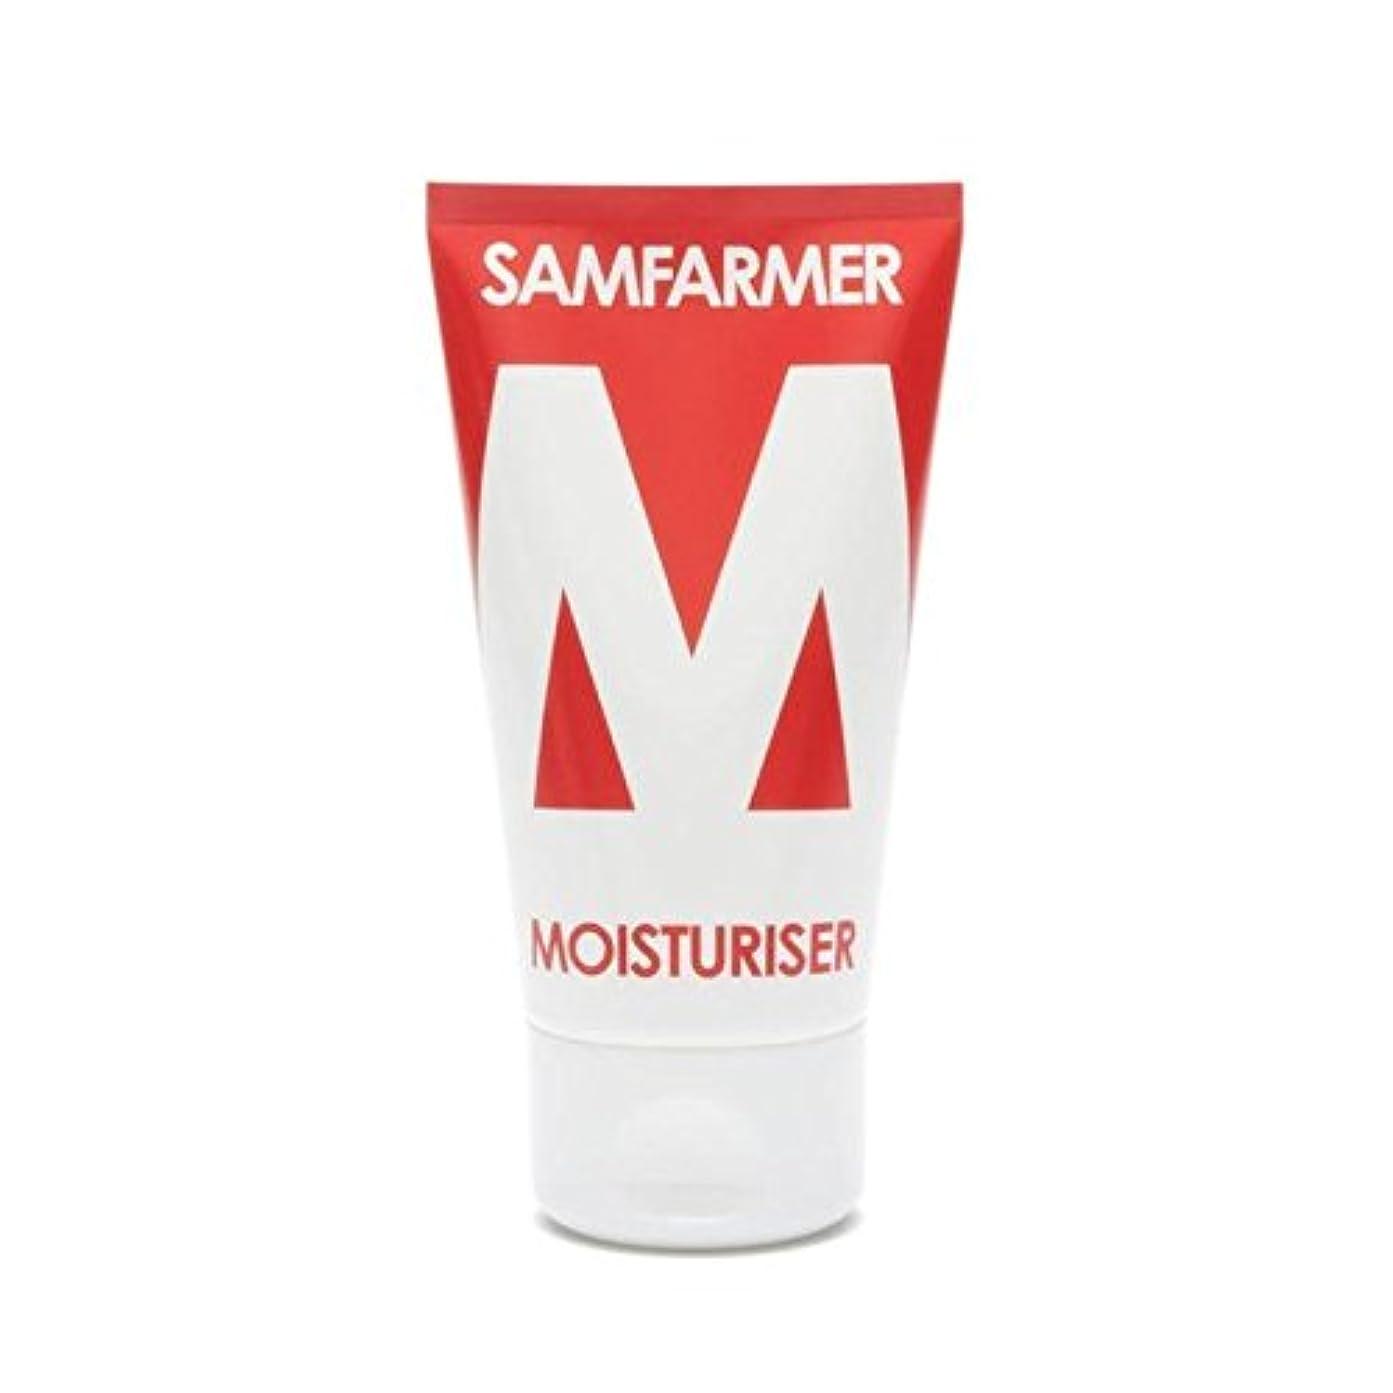 側辞任貨物ユニセックス保湿50ミリリットル x4 - SAMFARMER Unisex Moisturiser 50ml (Pack of 4) [並行輸入品]